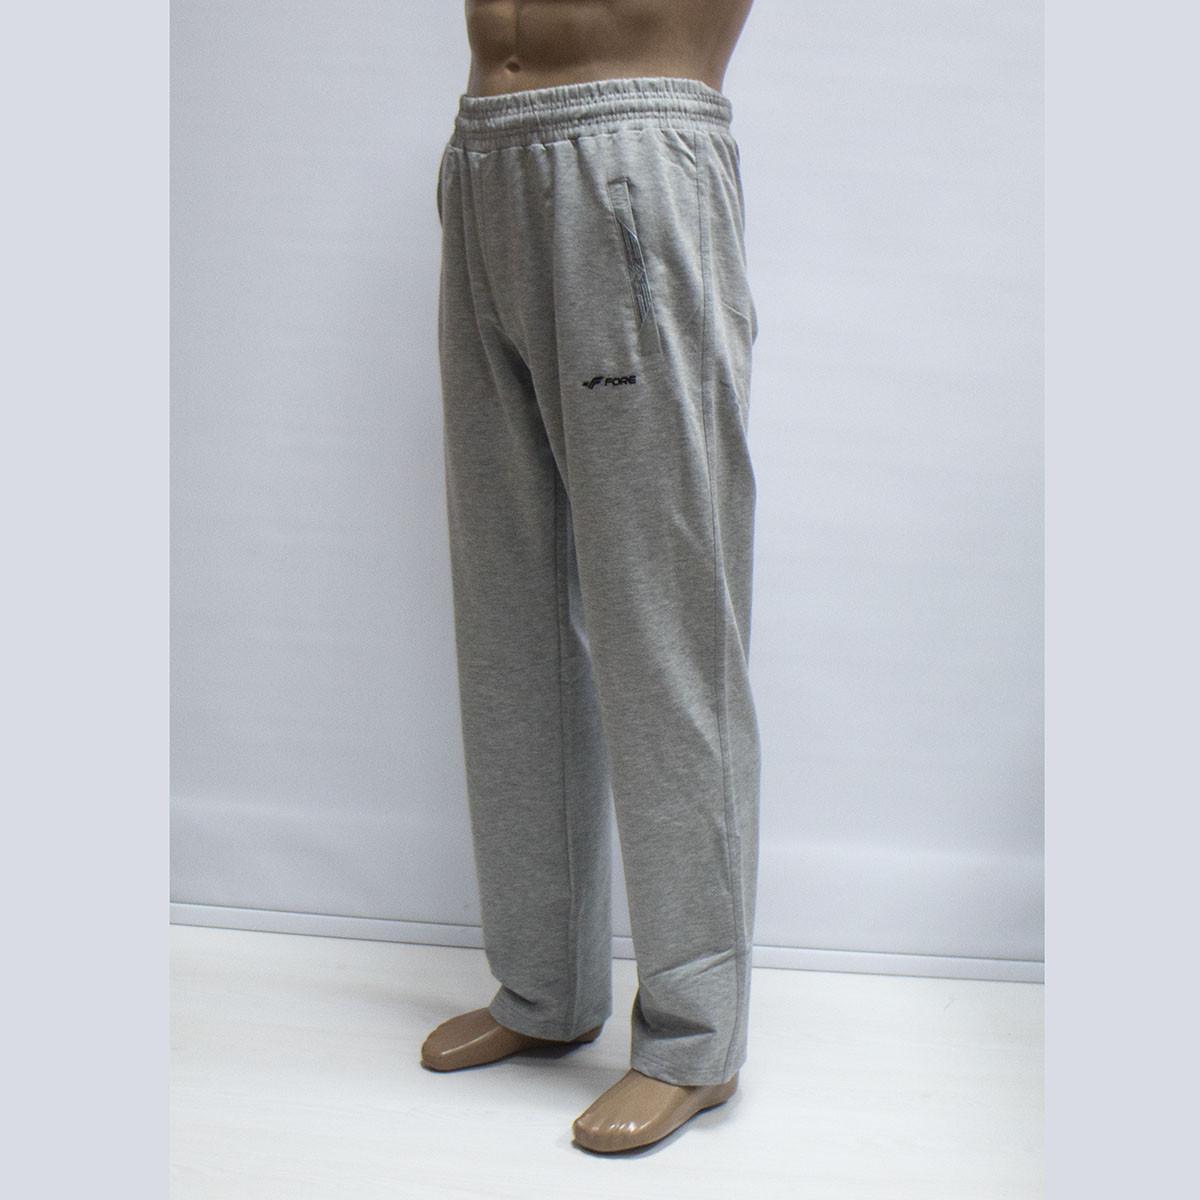 Мужские спортивные светлые штаны трикотаж производствоТурция тм. FORE 9535